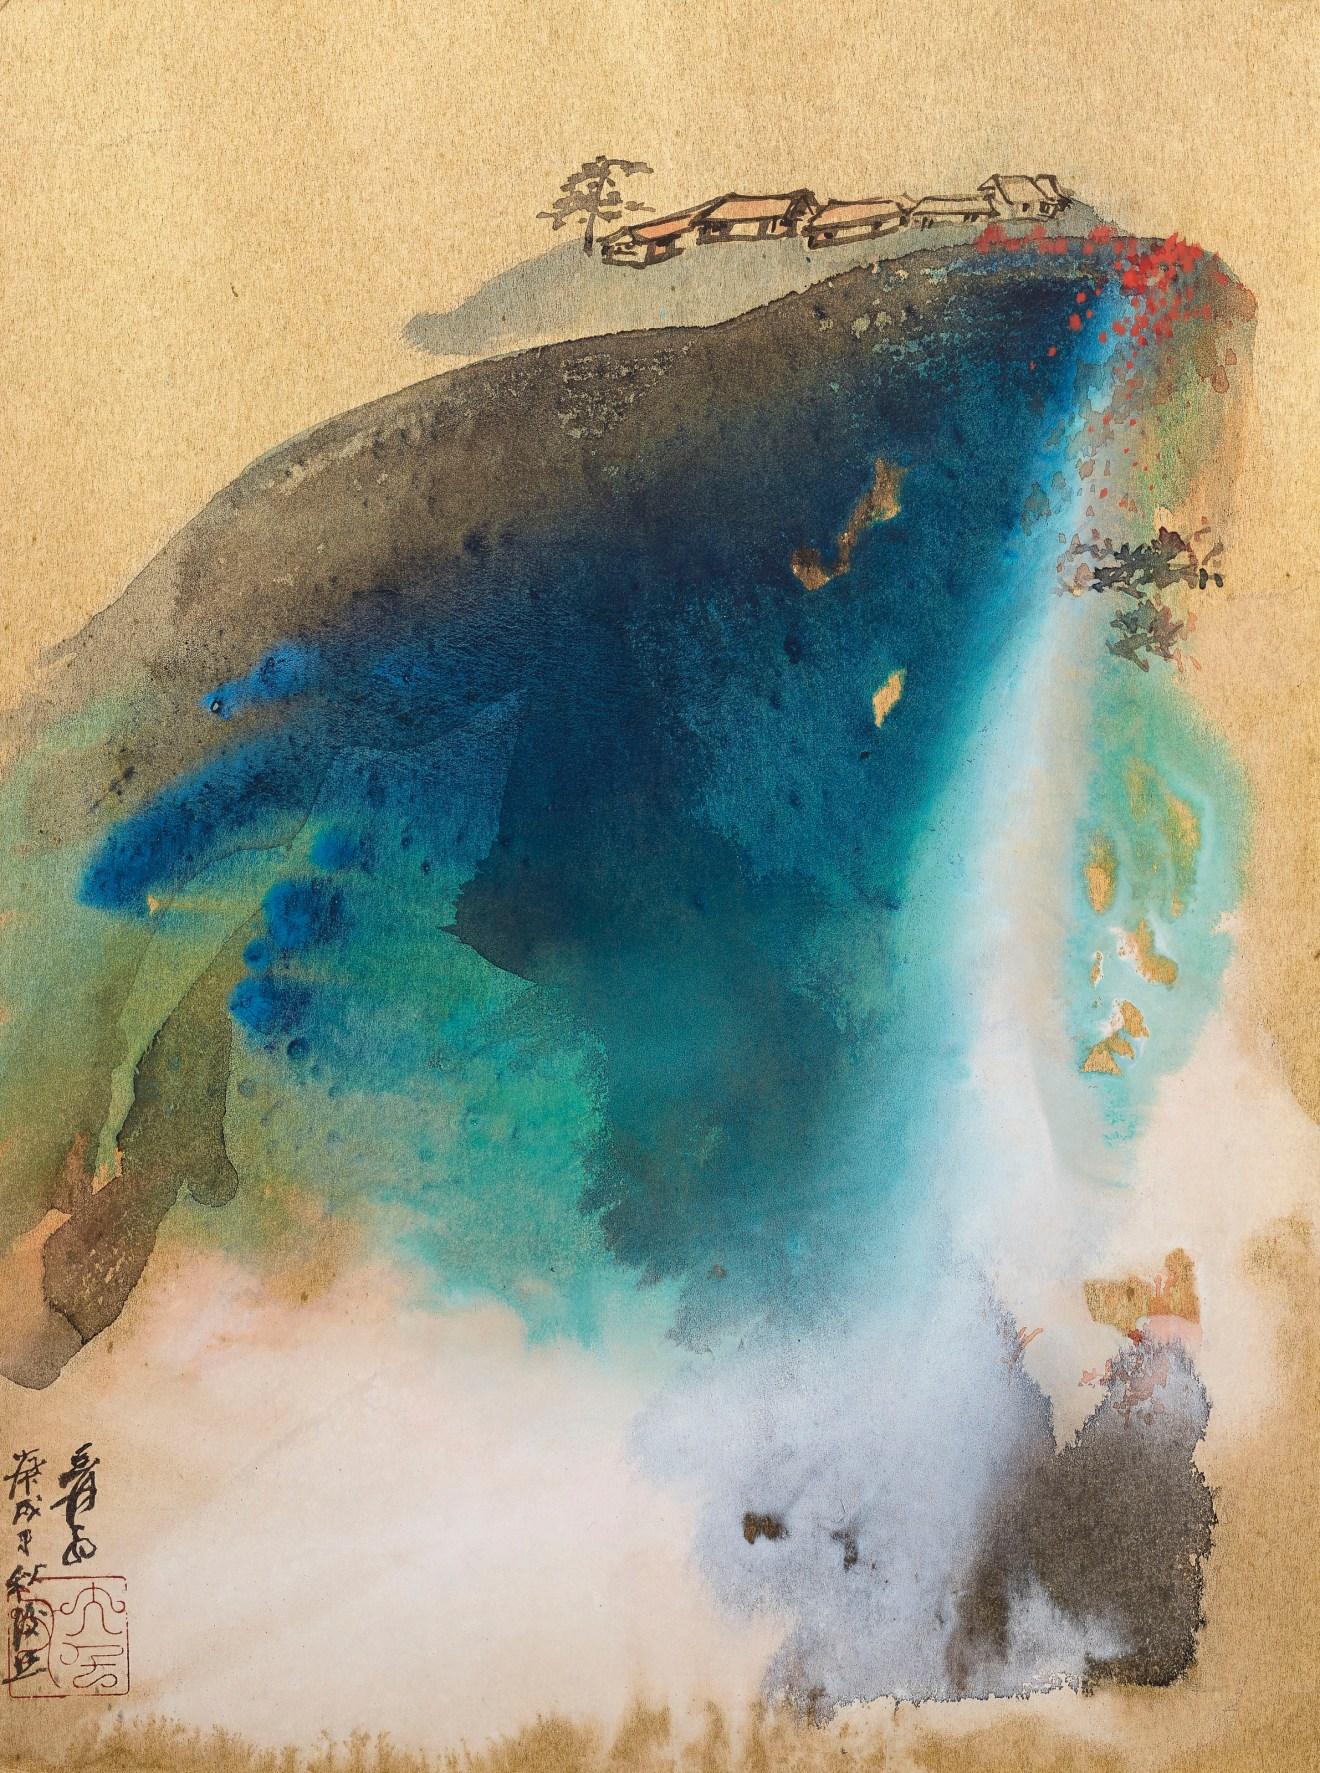 La vie à la montagne à l'automne 1970, encre et couleur sur une planche d'or japonaise, Zhang Daqian